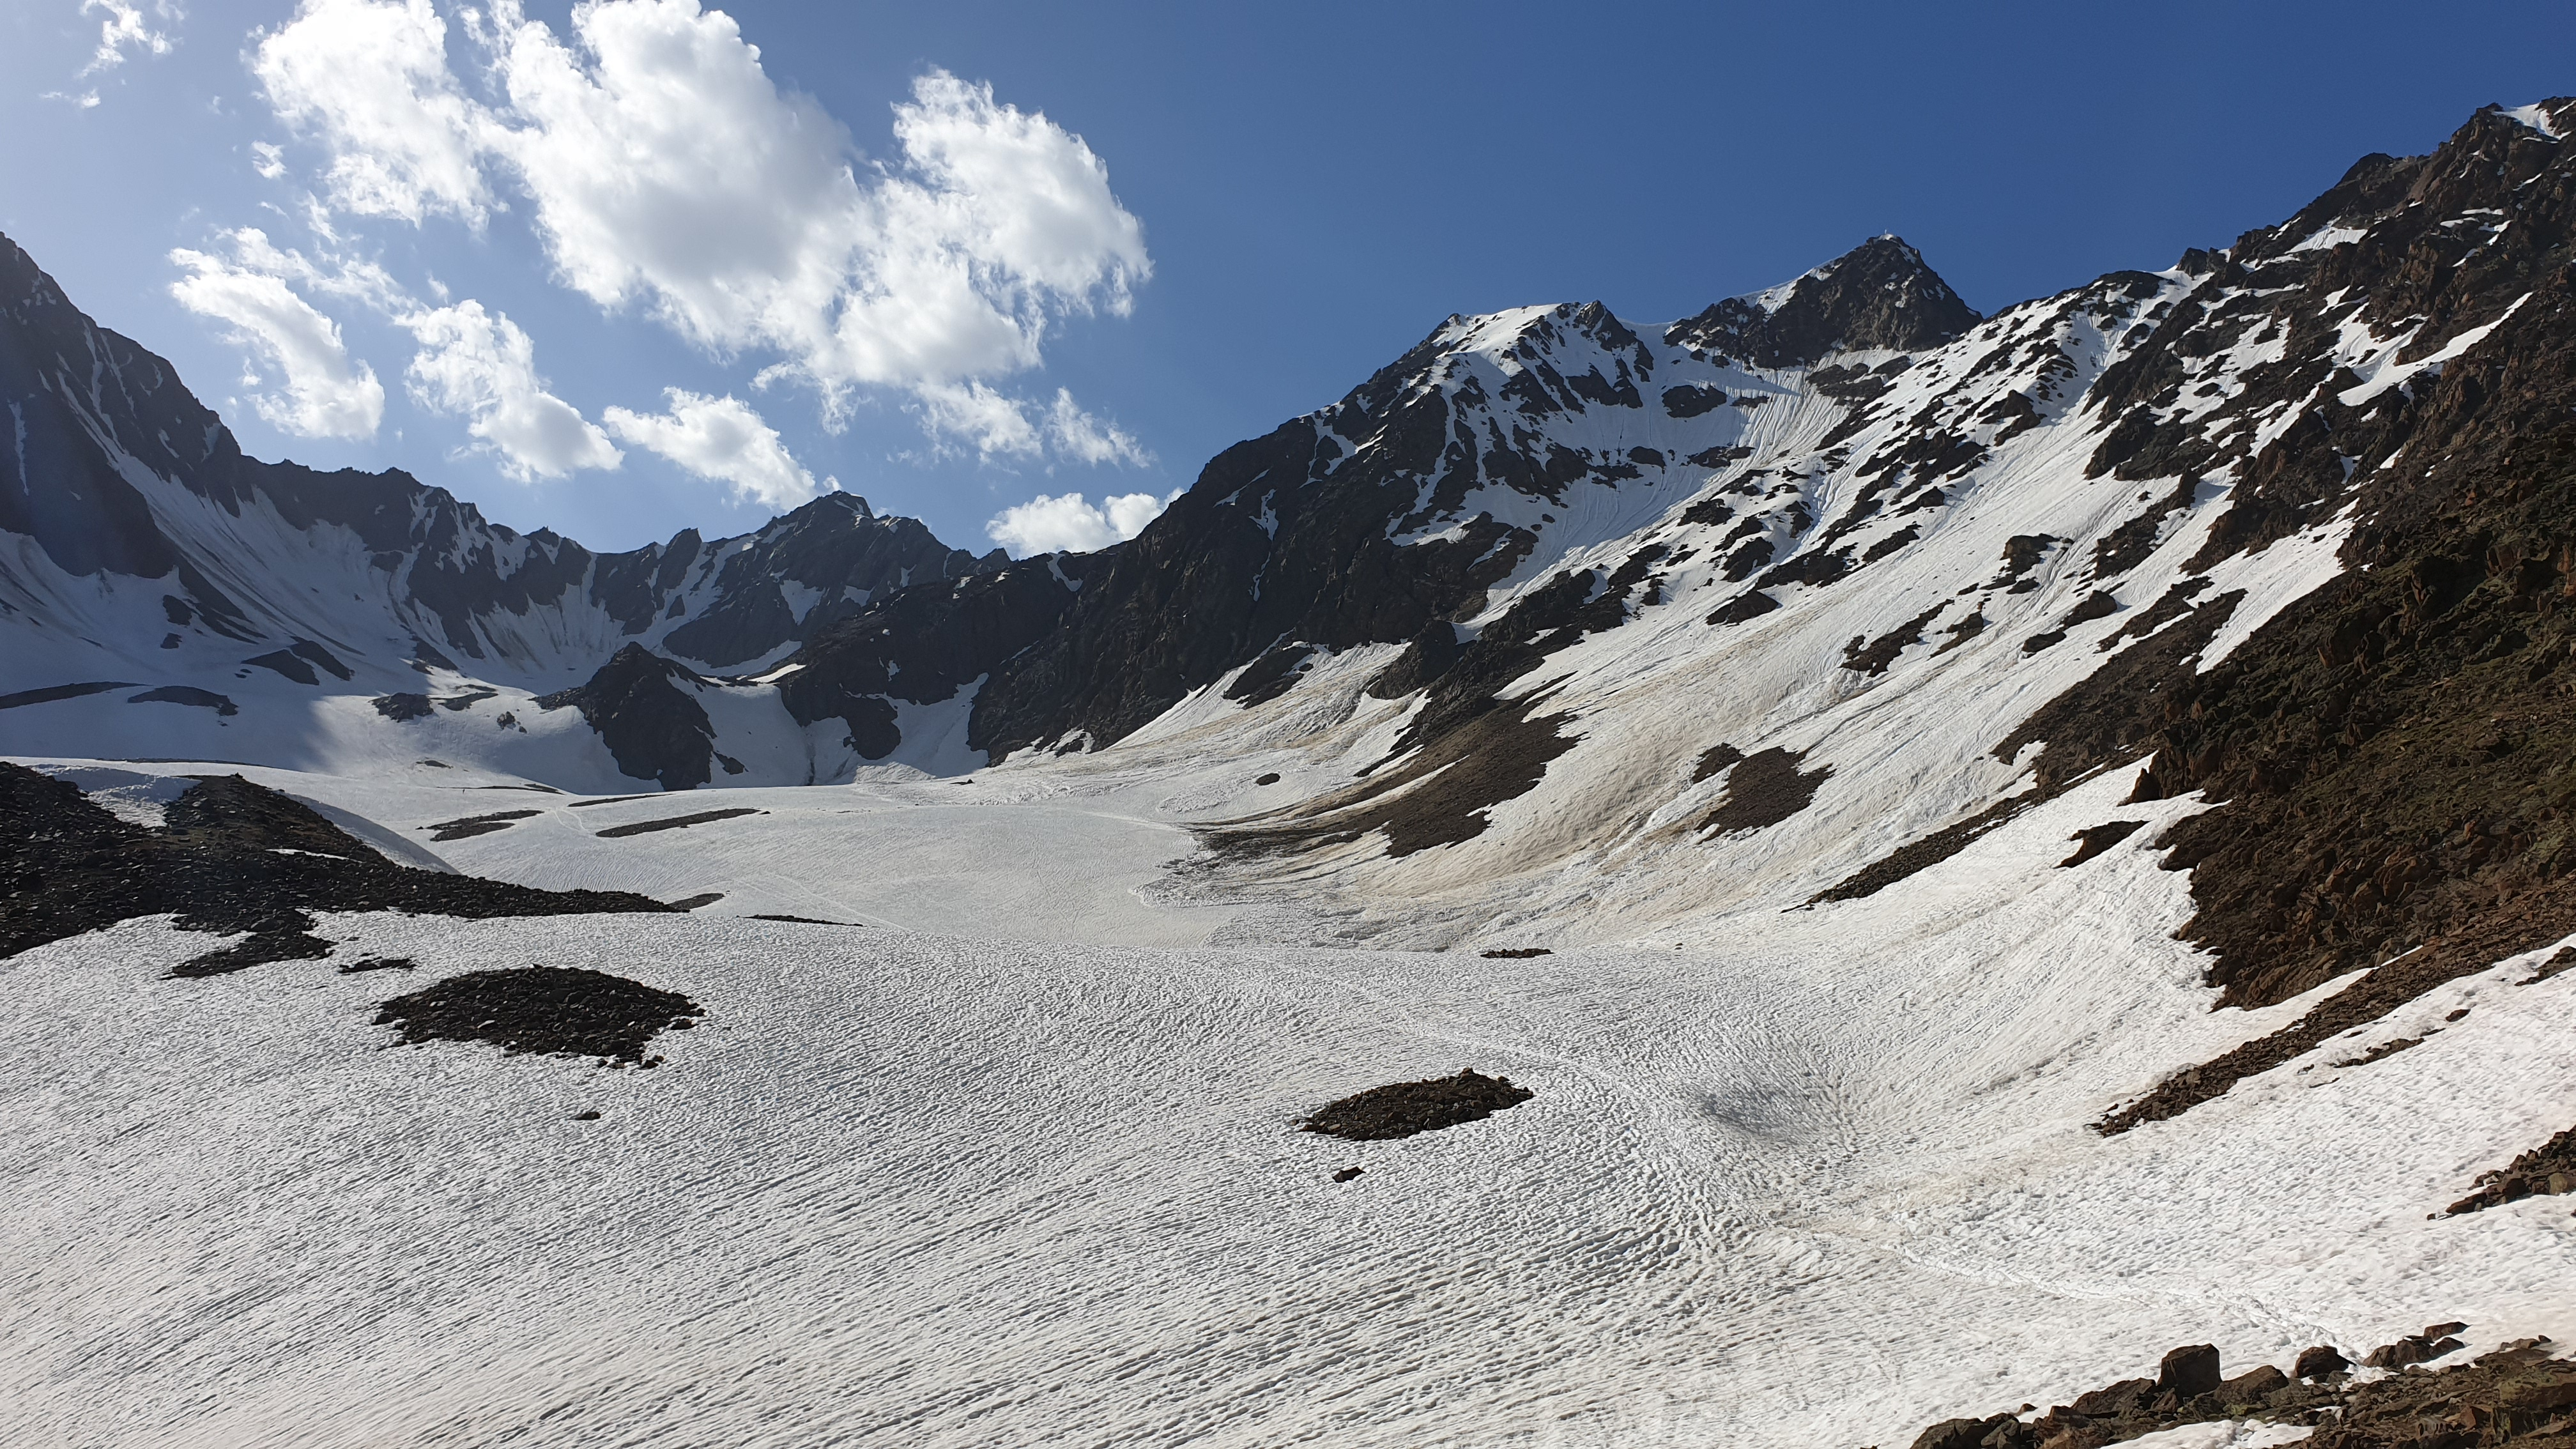 Wildspitze, Grossglocner a Dachstein 26.6. - 30.6.2019 (foto Horňák)